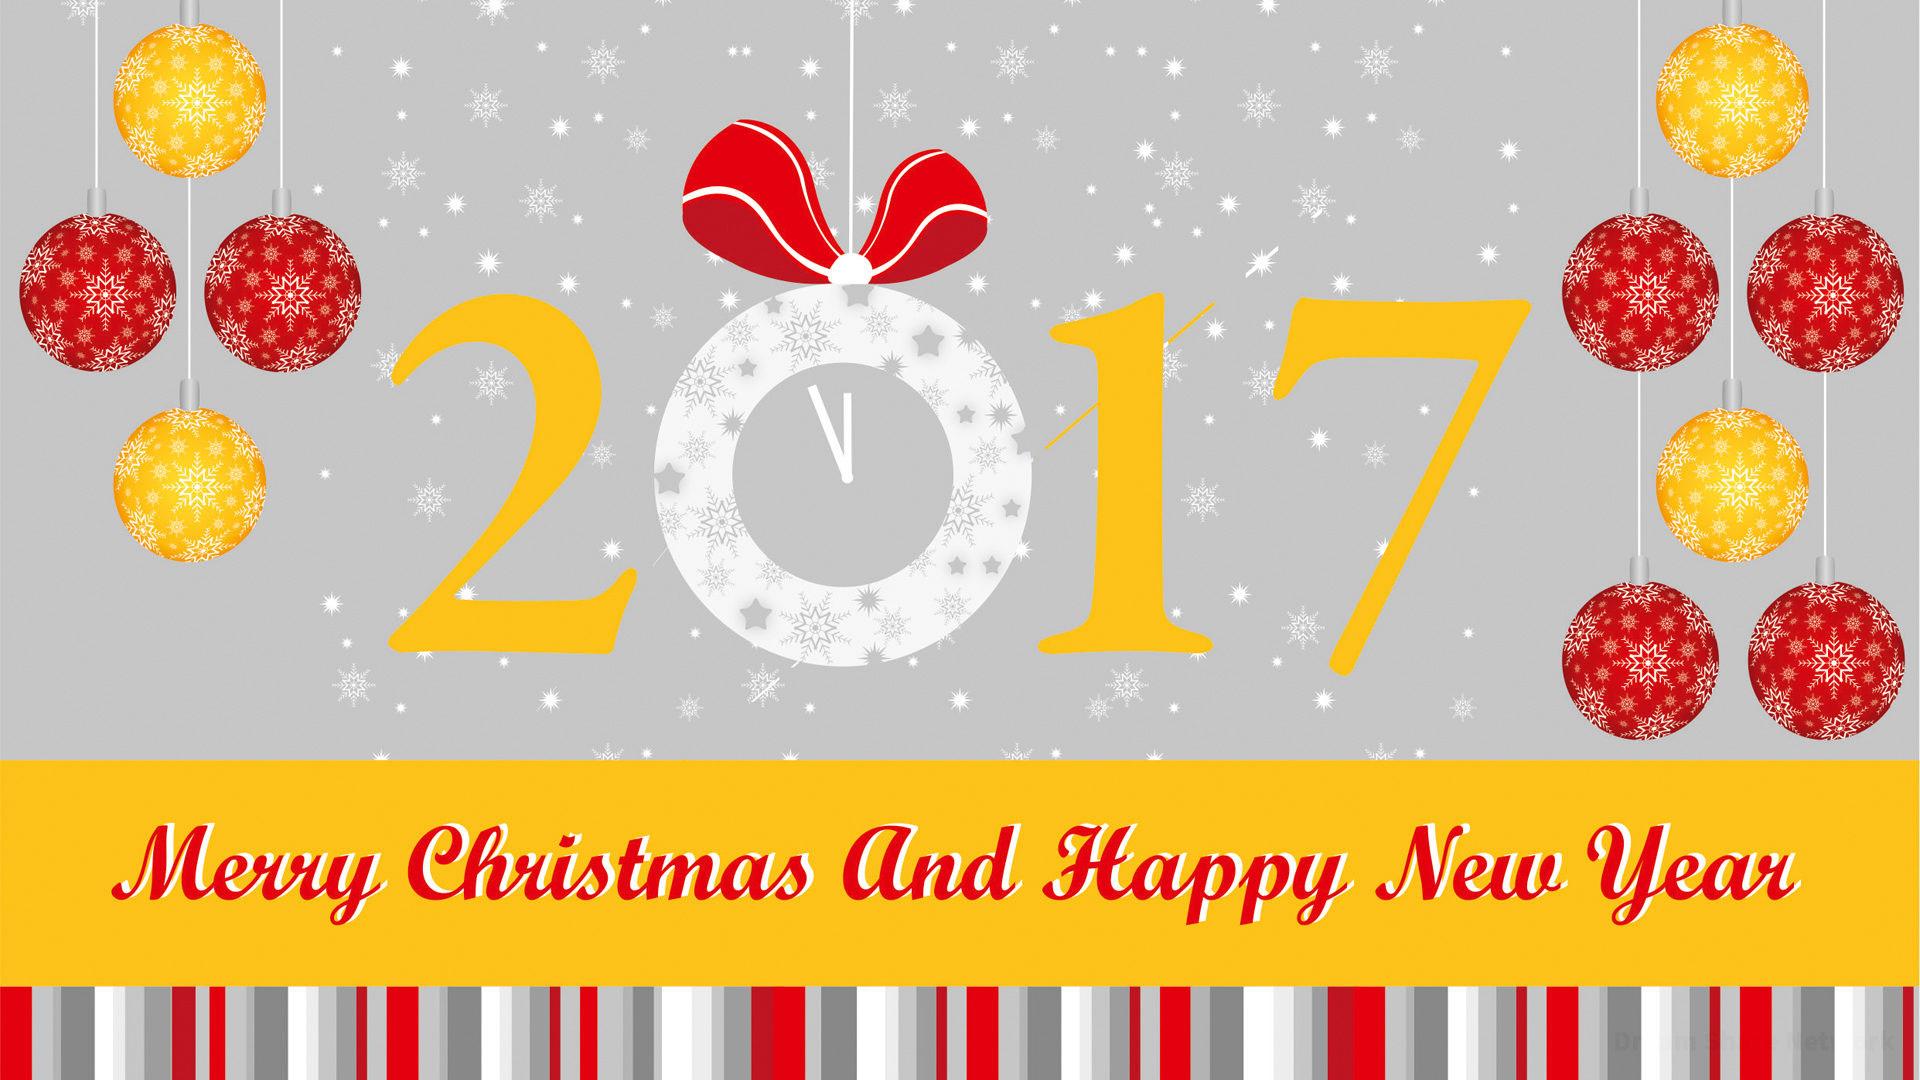 Bộ sưu tập hình nền chúc mừng năm mới 2017 đẹp nhất